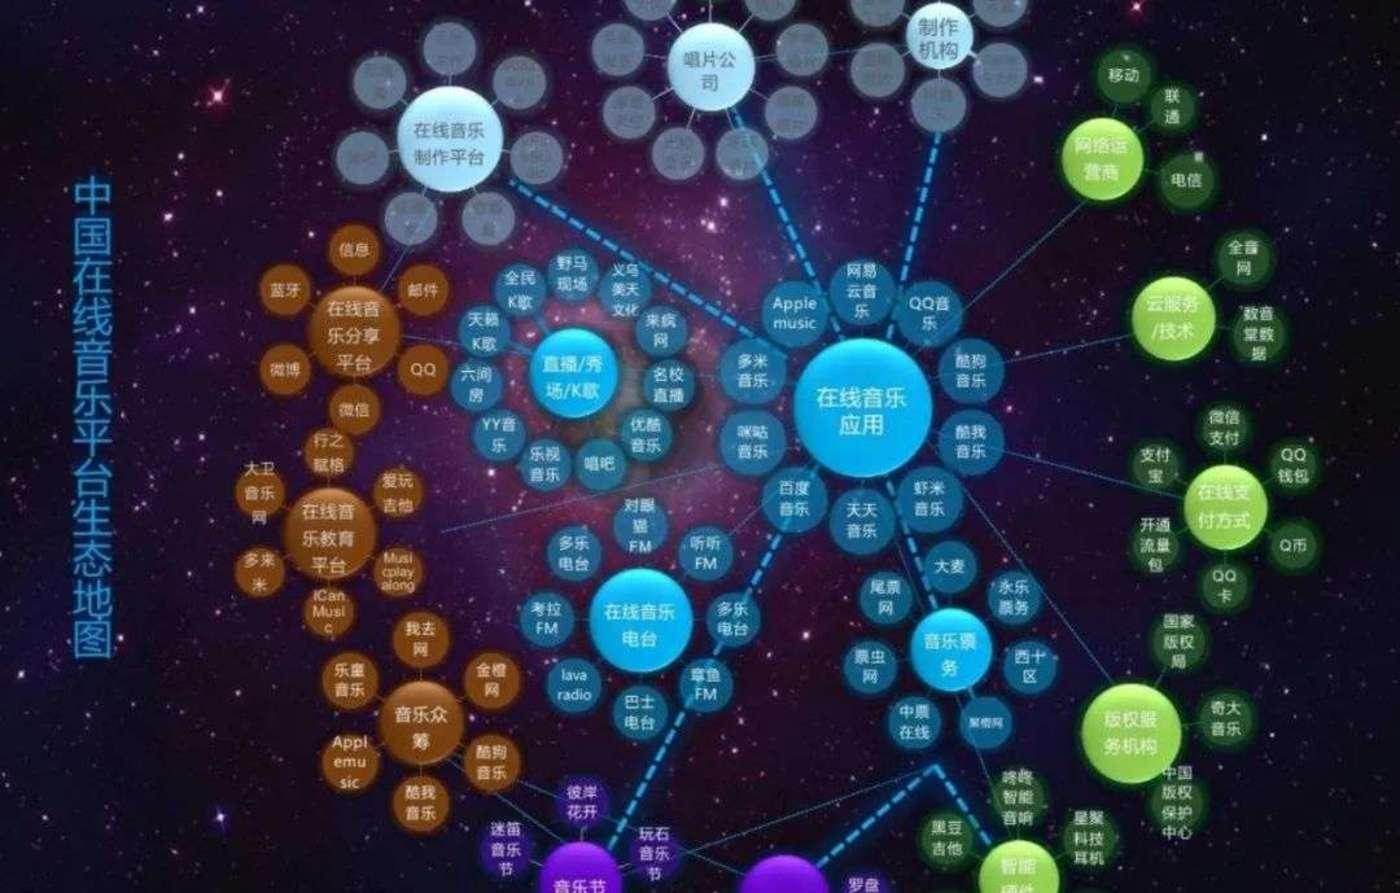 图片来源DCCI互联网数据中心